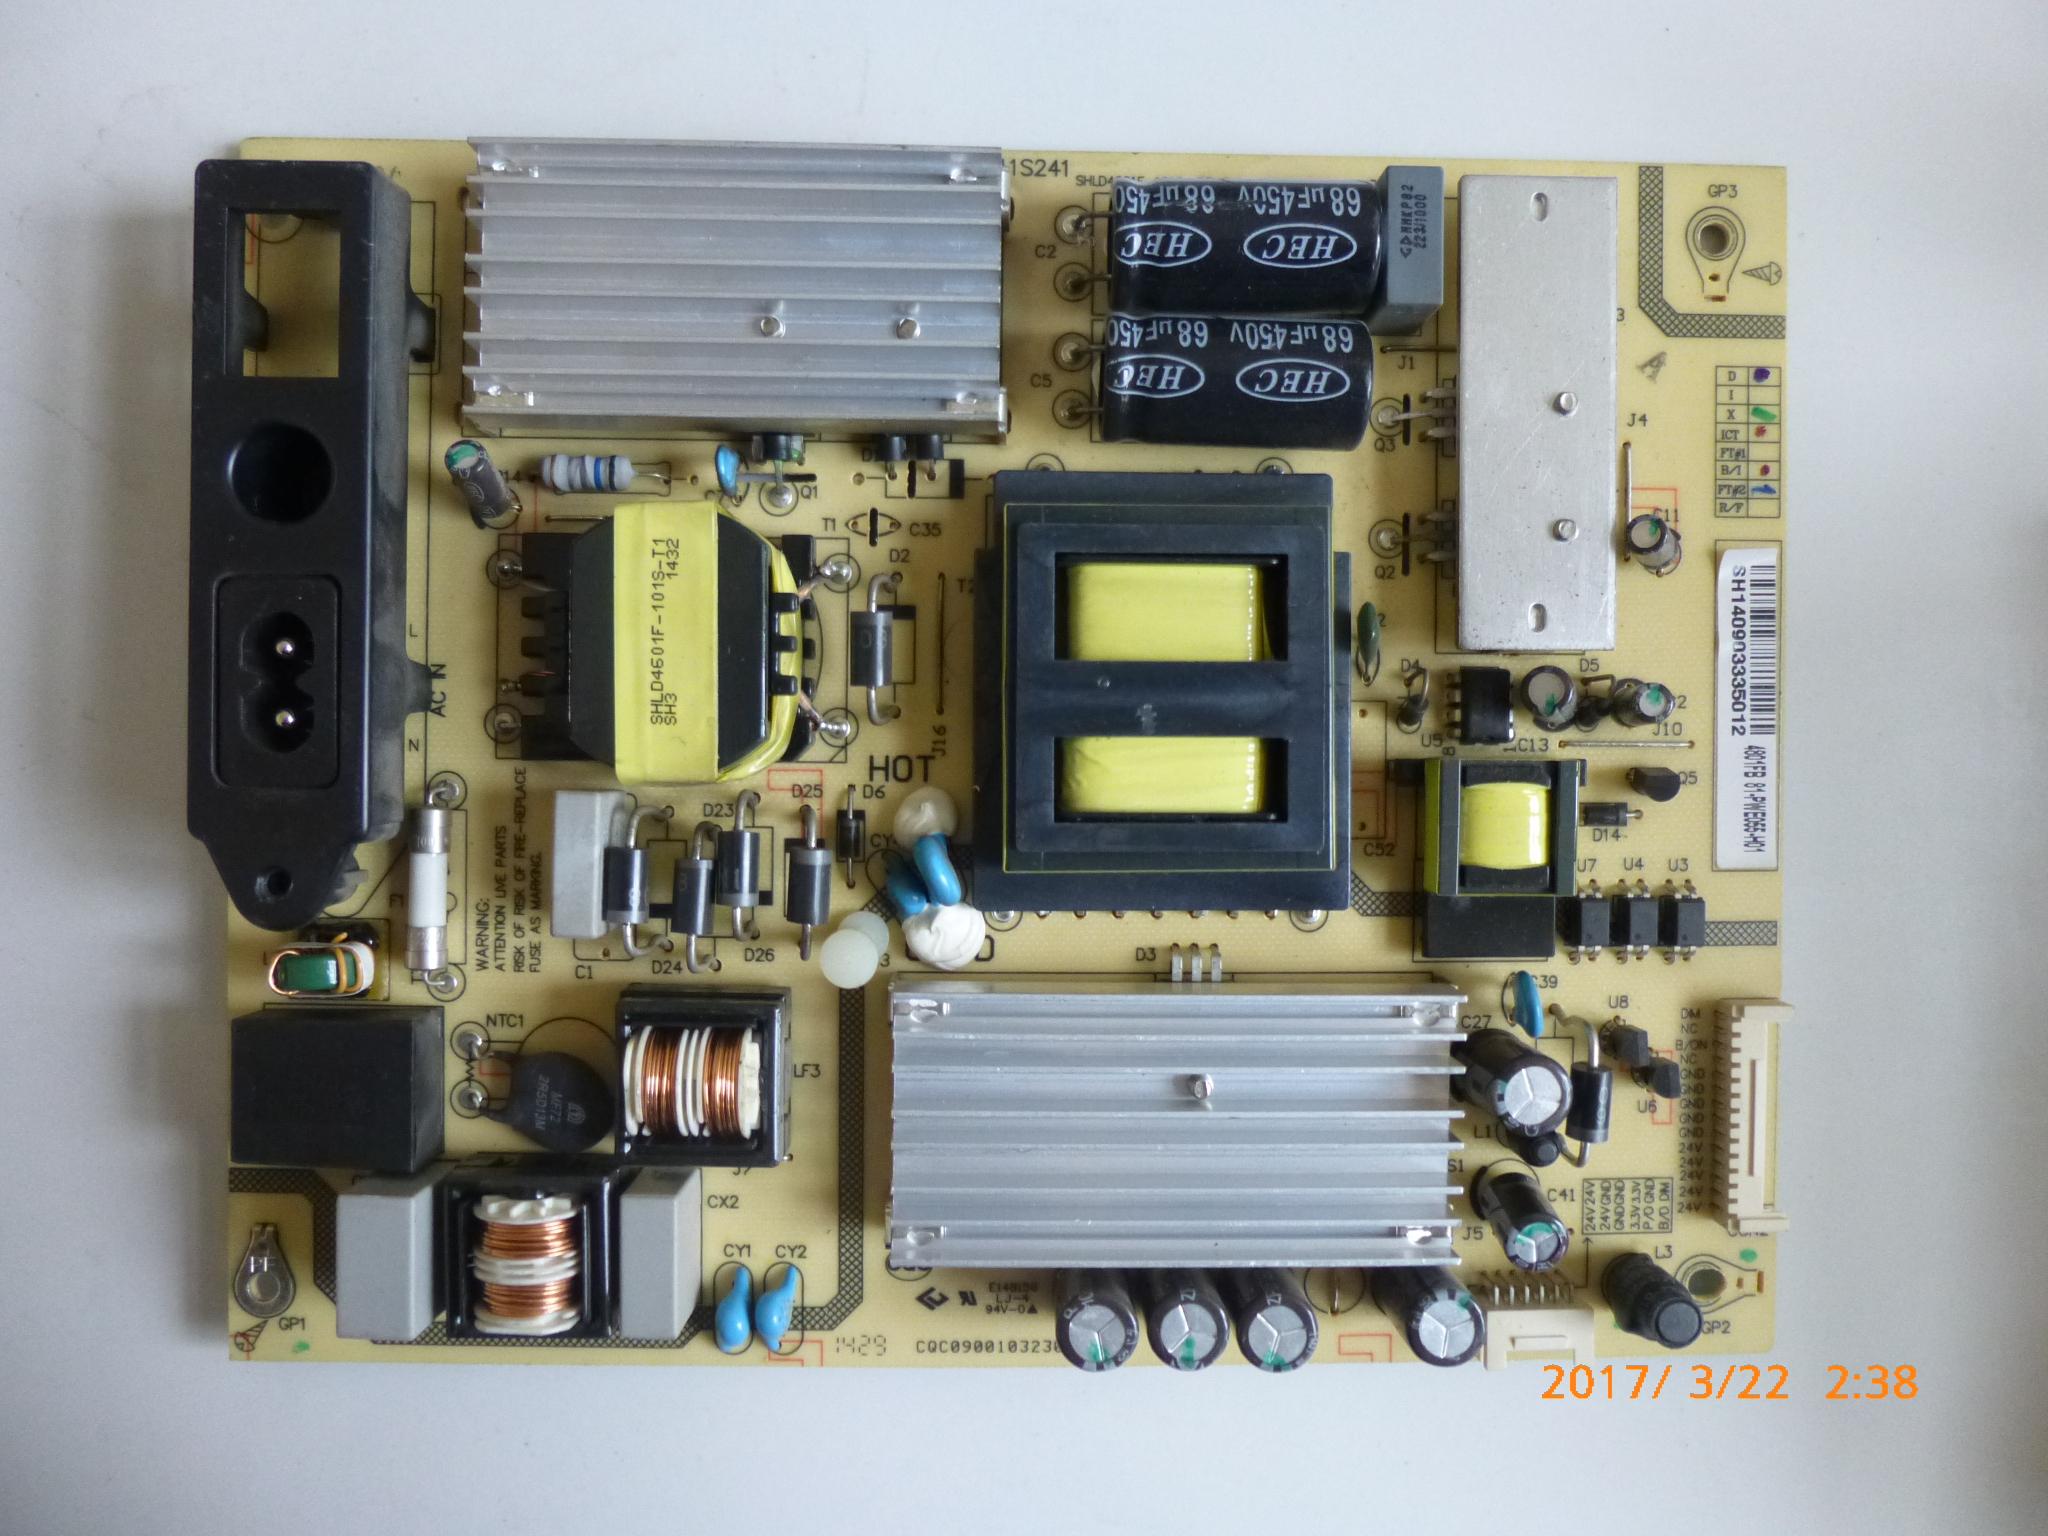 TCLL55F2880A55 치 액정 텔레비전 회로 역광 구동 고압 배전반 메인보드